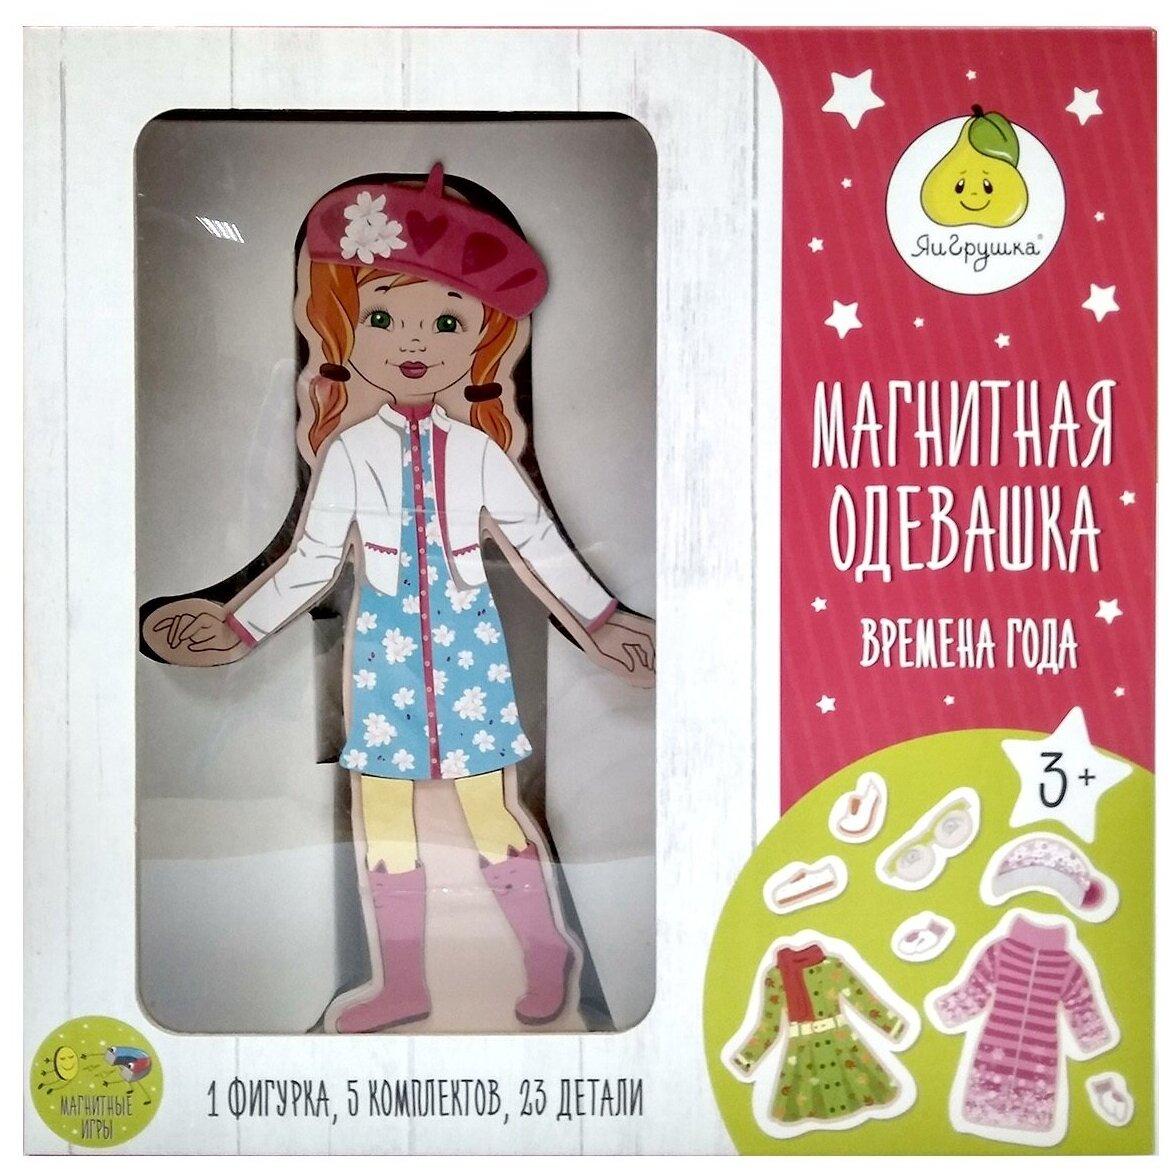 """Игровой набор ЯиГрушка Магнитная одевашка """"Времена года"""" девочка 59787 — купить по выгодной цене на Яндекс.Маркете"""